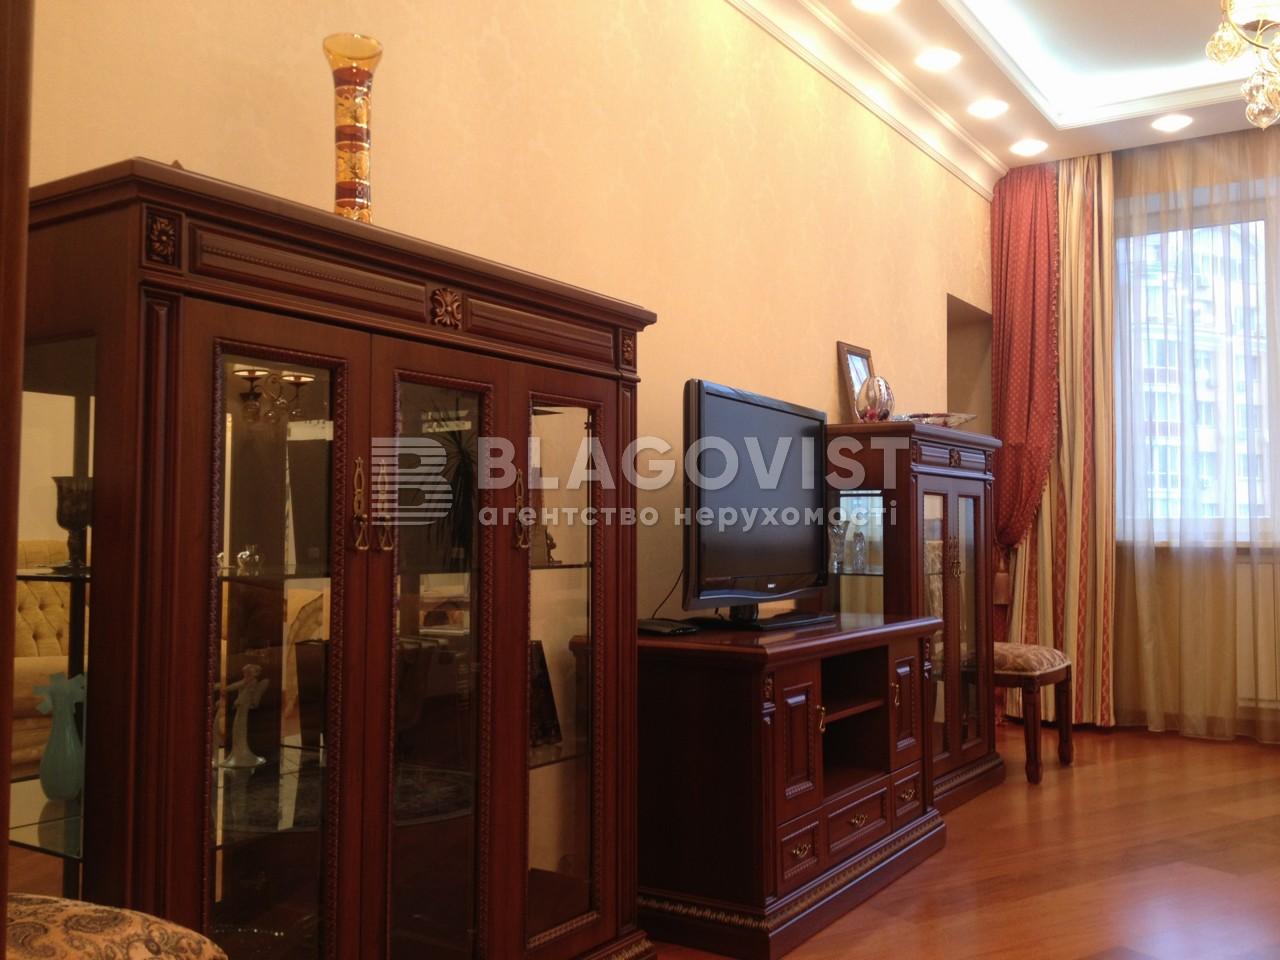 Квартира F-32543, Героев Сталинграда просп., 6, Киев - Фото 5